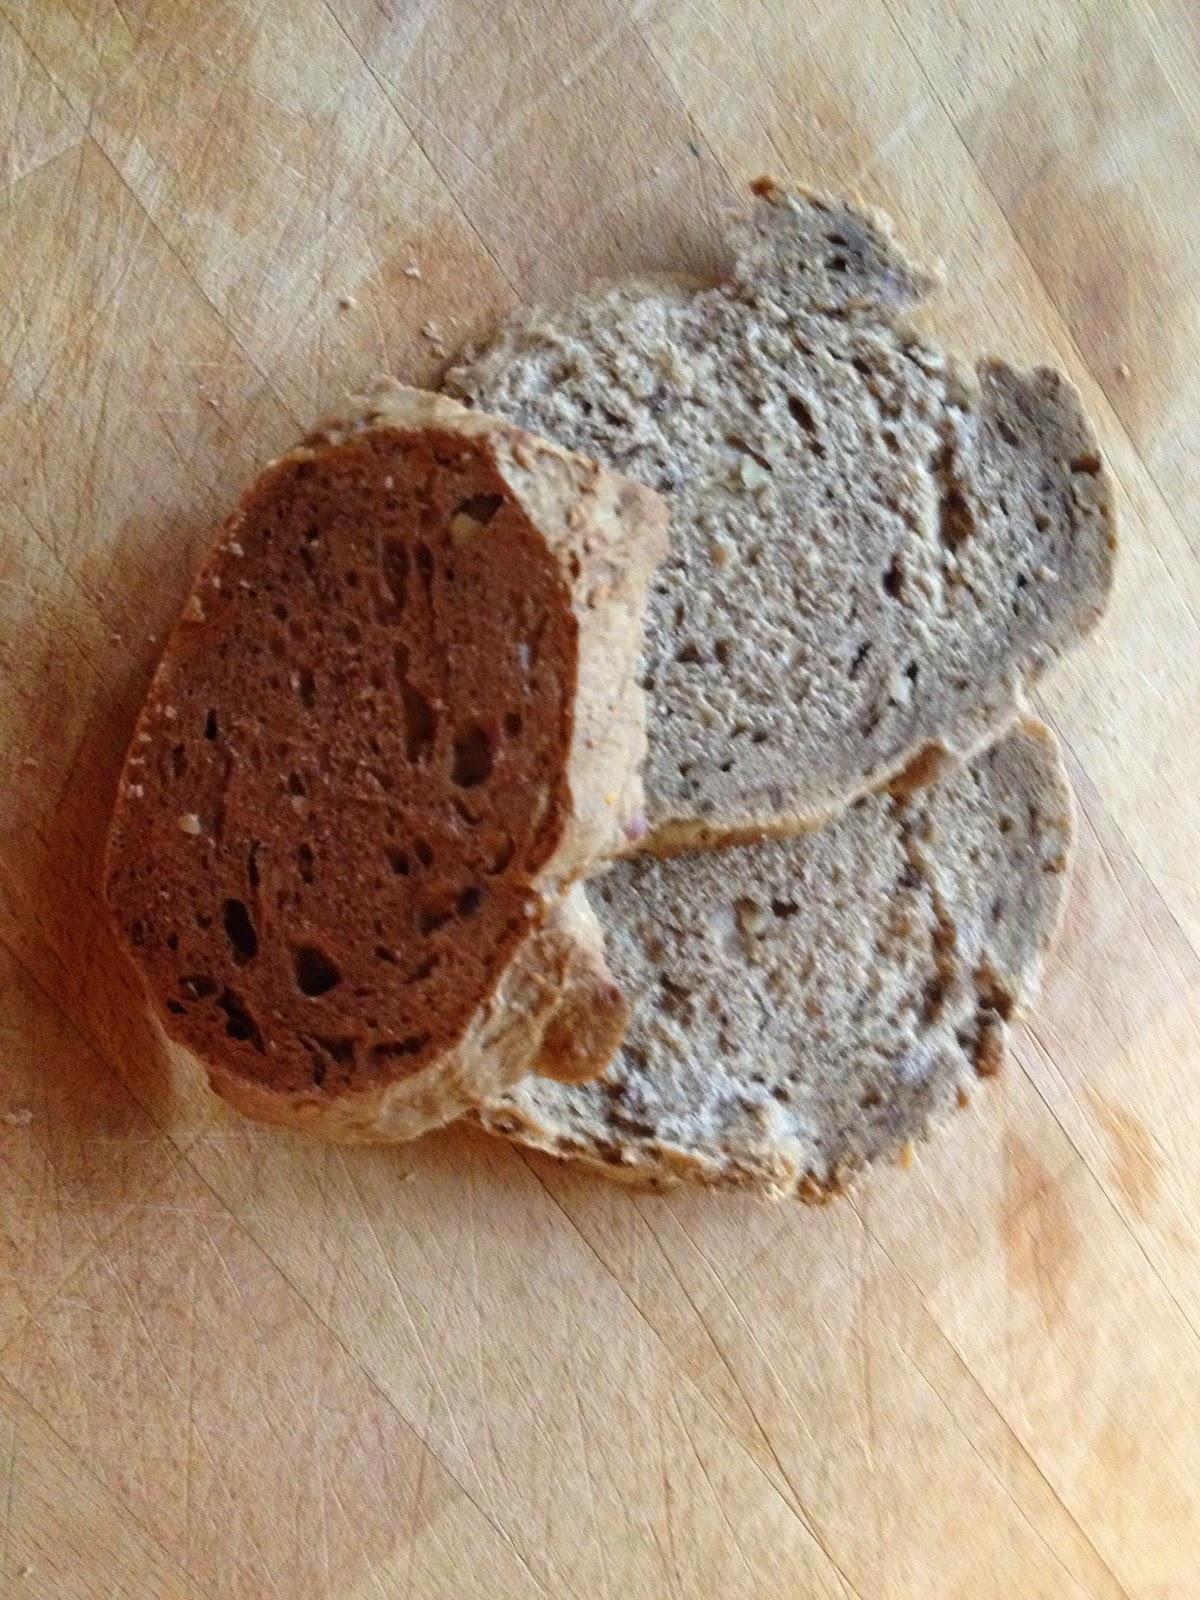 Pane integrale con pasta madre